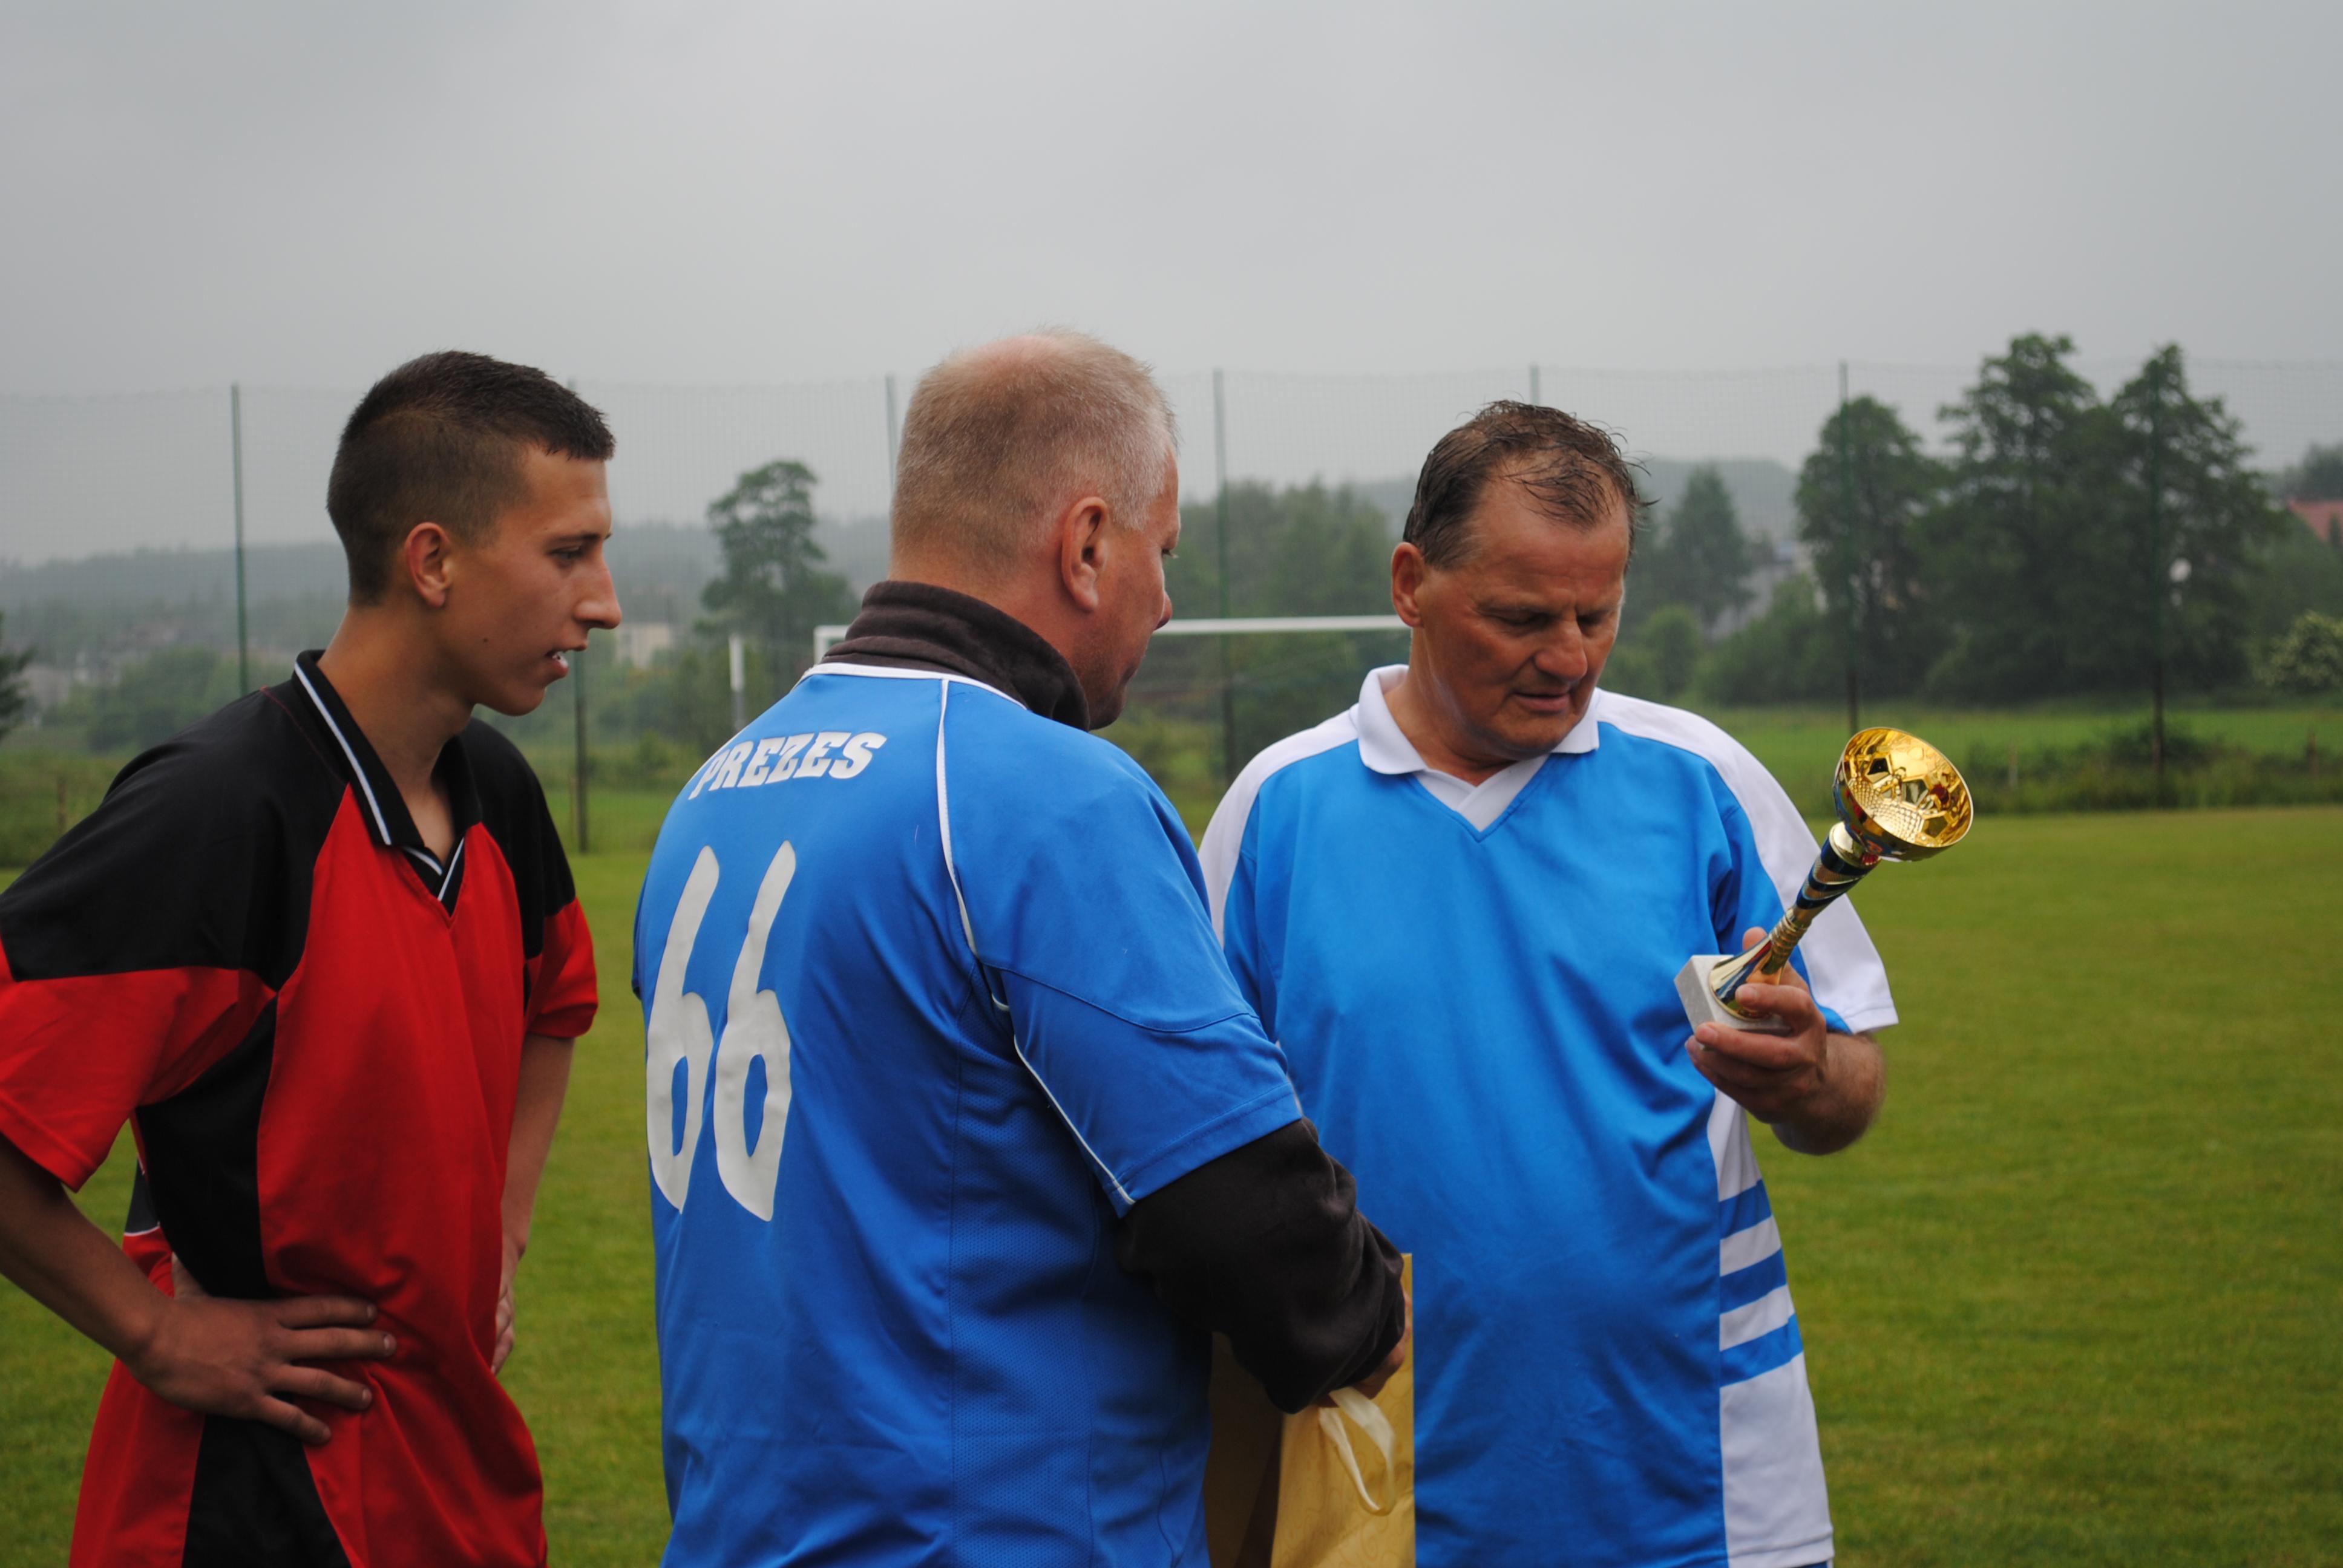 Przekazanie pucharu Rady Dzielnicy Niedobczyce wygrane drużynie Oldboy'ów. Przekazuje Roman Niestroj.